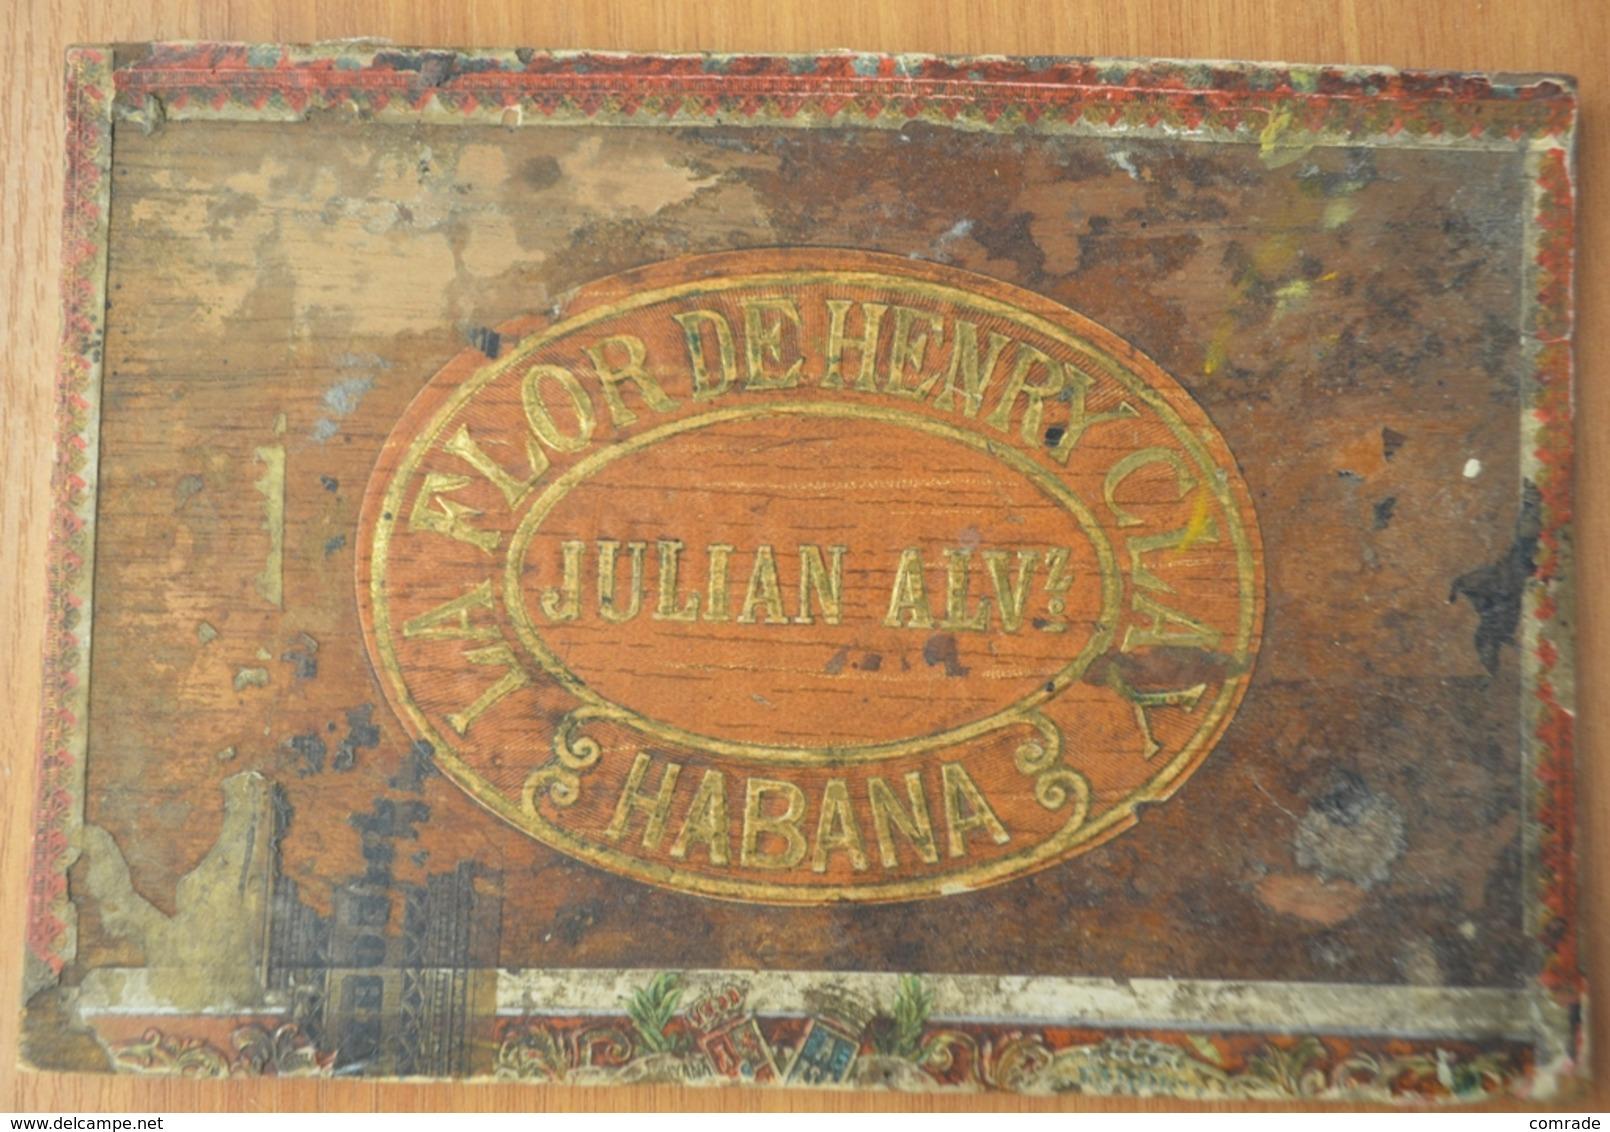 La Flor By Henry Clay Conchas De Regalía. Wooden Lid From The Box - Étuis à Cigares